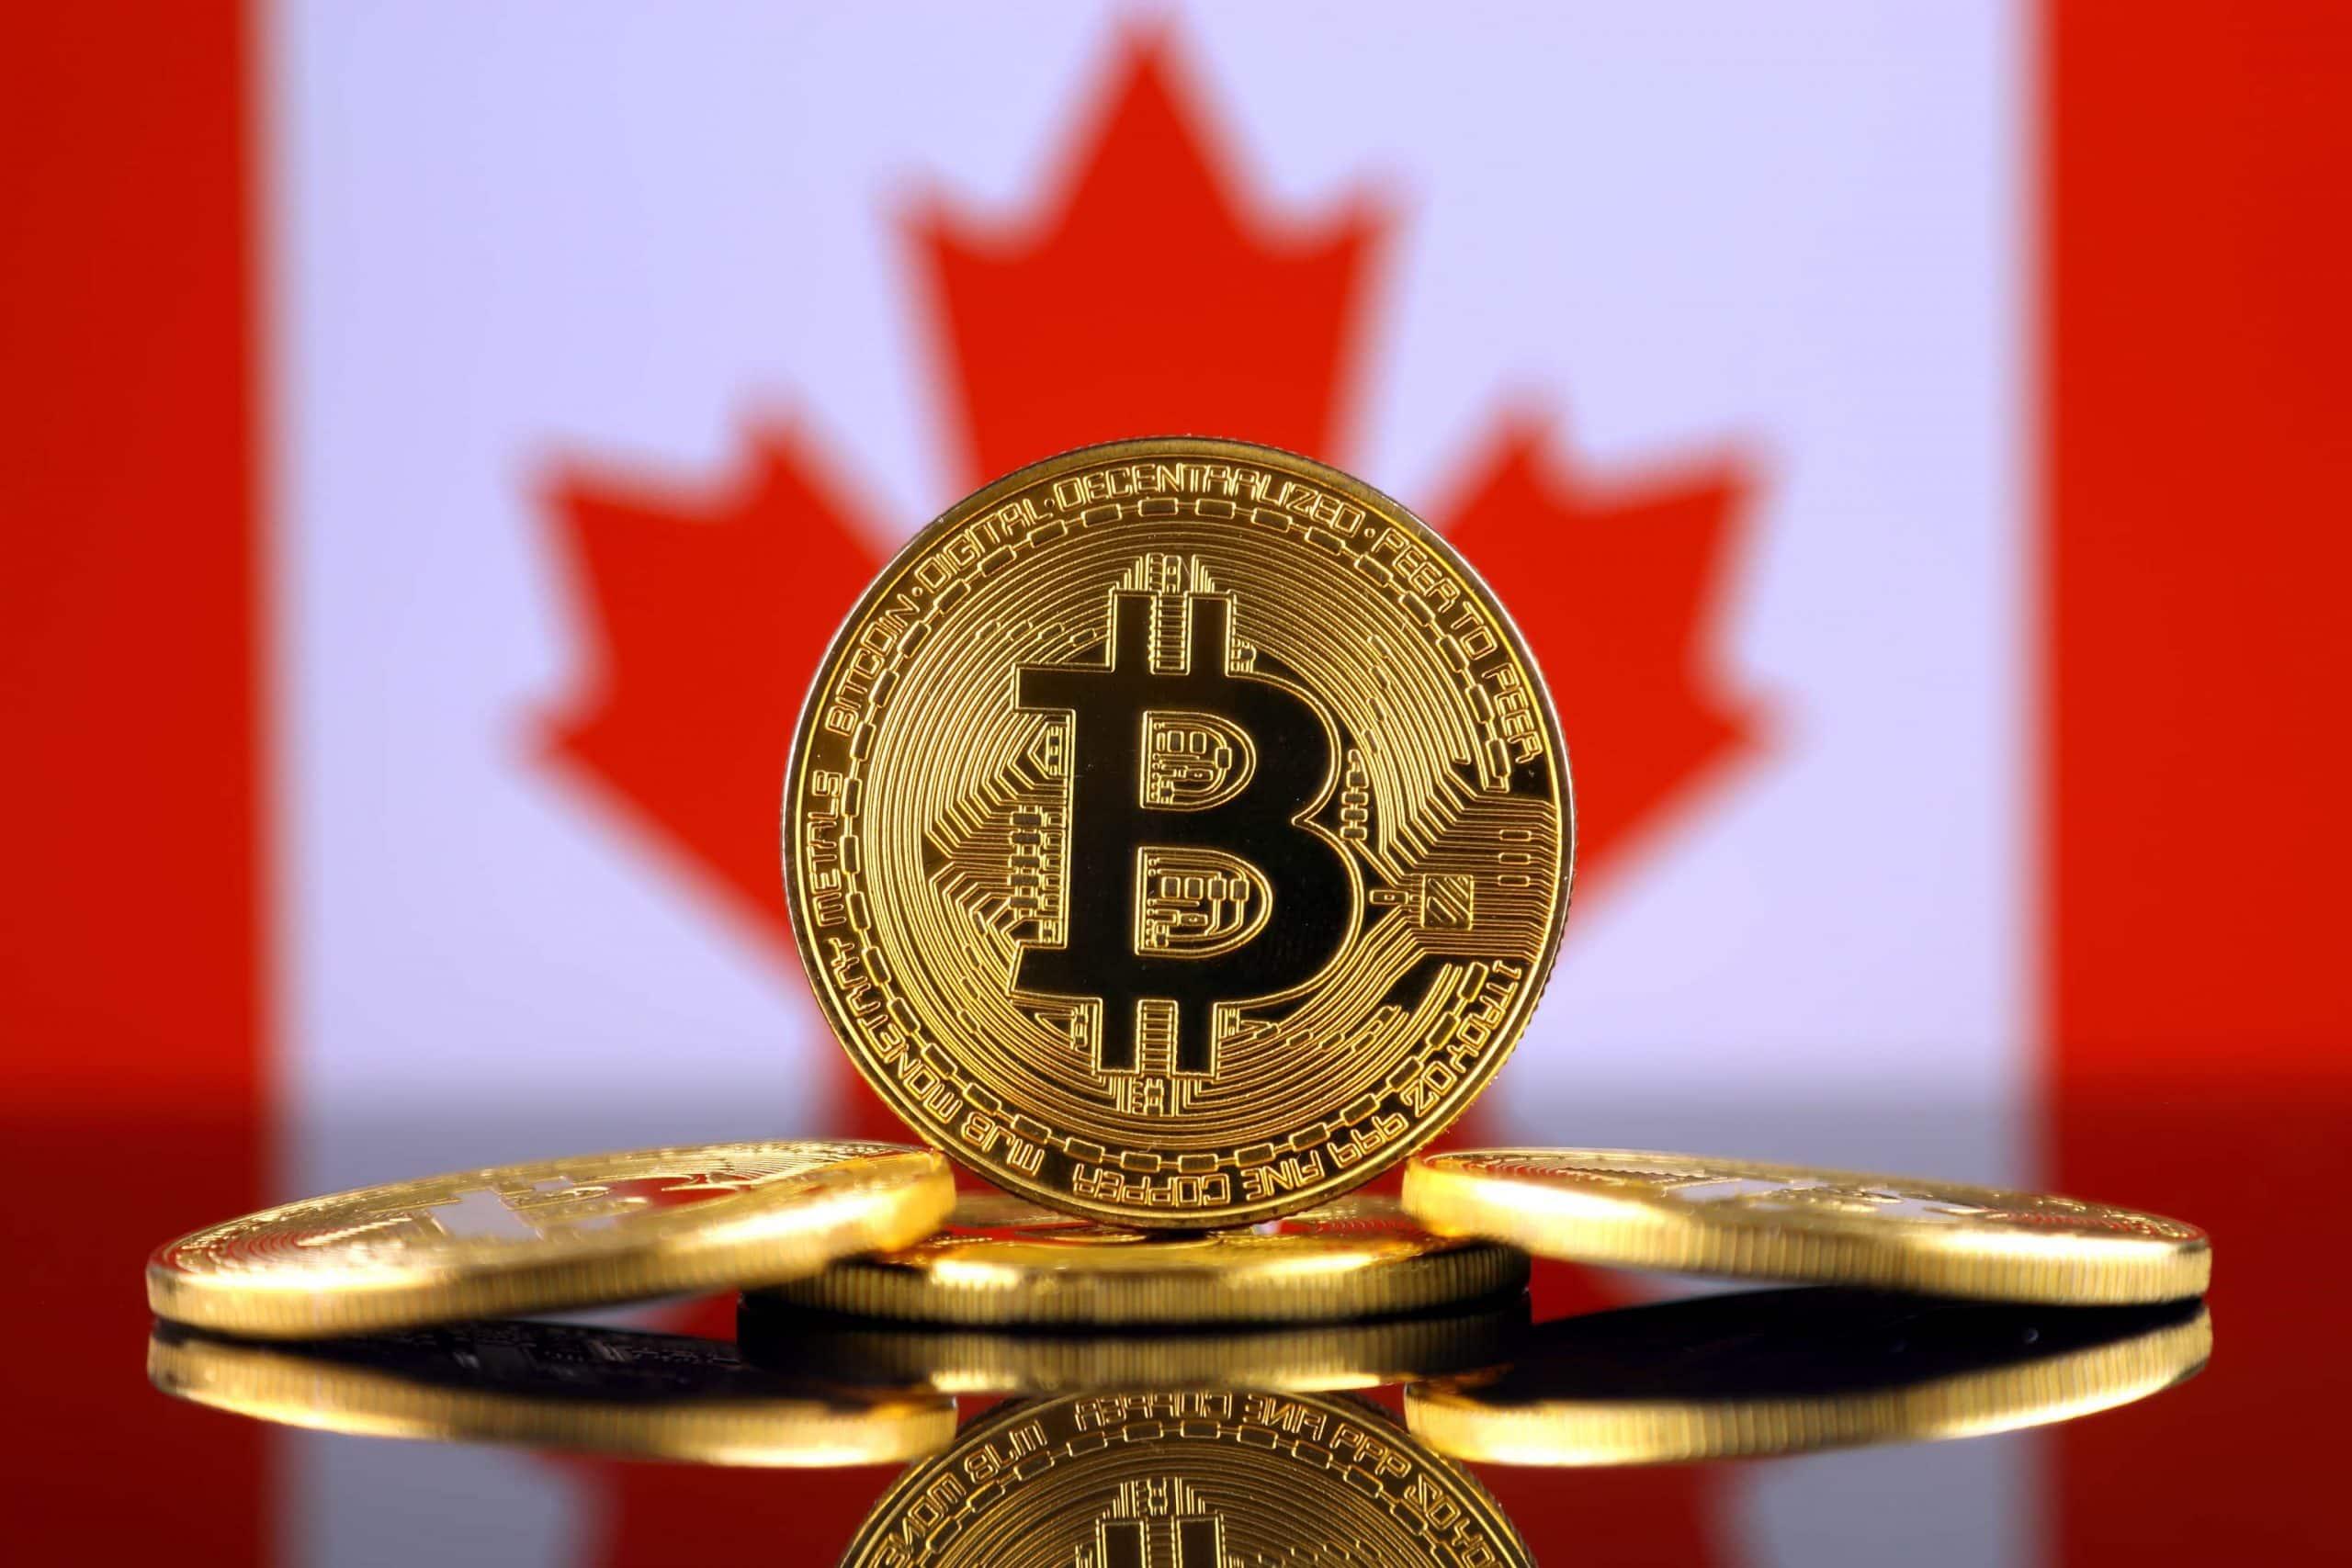 Bitcoin-Münze vor kanadischer Flagge